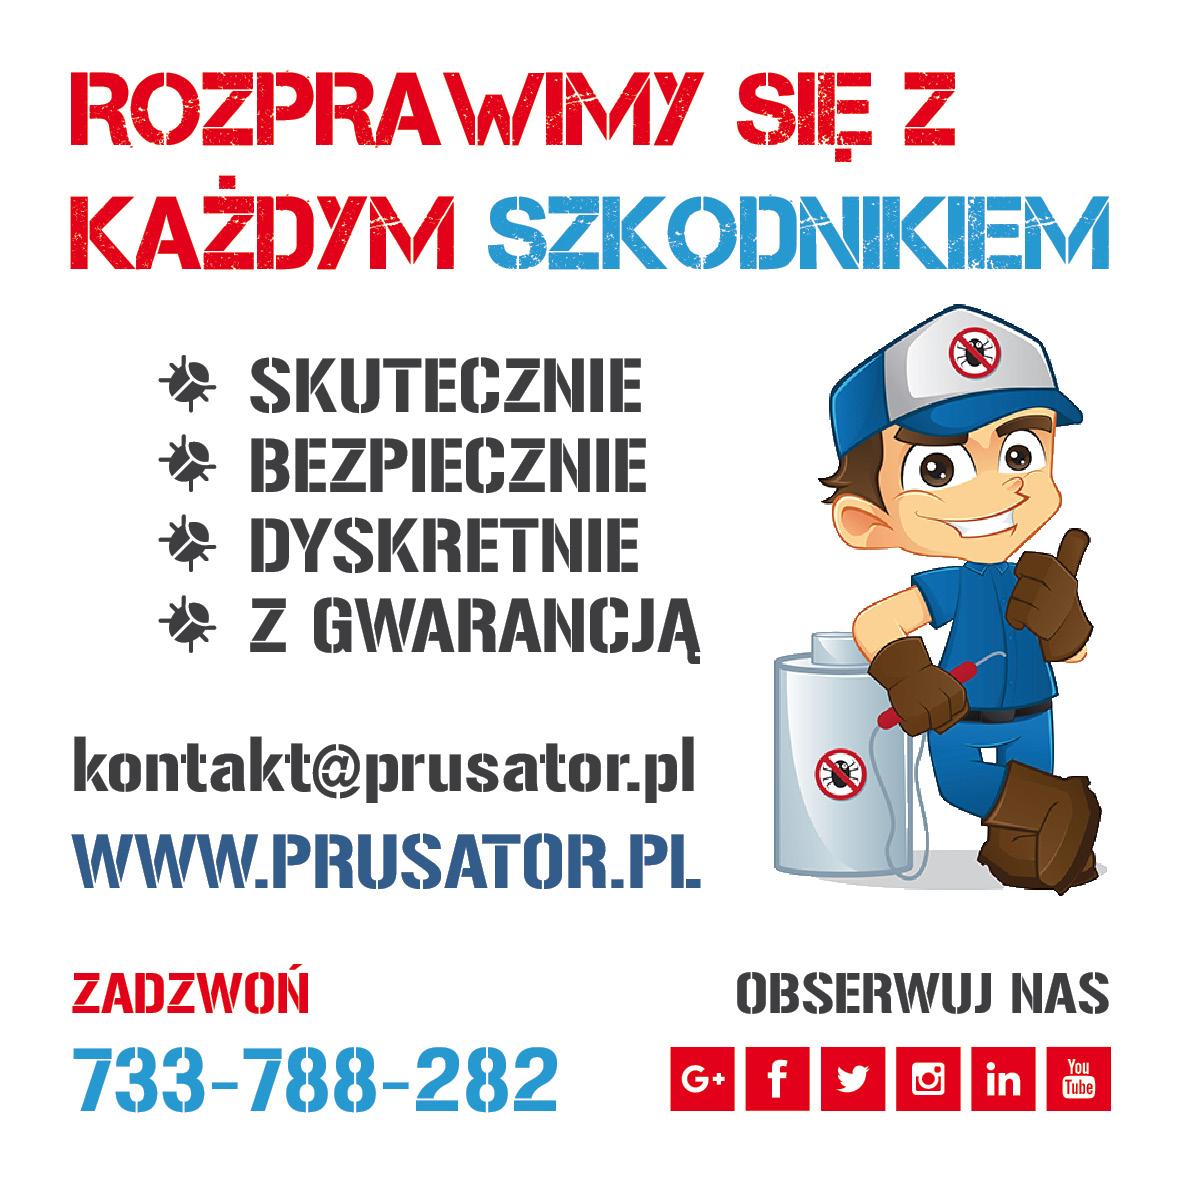 Odpluskwianie, Odpluskwianie Warszawa, Dezynsekcja, Dezynsekcja Warszawa, Deratyzacja, Deratyzacja Warszawa, Dezynfekcja, Dezynfekcja Warszawa, Zwalczanie, zwalczanie pluskwy, zwalczanie pluskiew, zwalczanie pluskiew Warszawa, zwalczanie pluskwy Warszawa, zwalczanie myszy, zwalczanie myszy Warszawa, zwalczanie szczurow, zwalczanie szczurow Warszawa, zwalczanie prusakow, zwalczanie prusakow Warszawa, zwalczanie karaluchow, zwalczanie karaluchow Warszawa, zwalczanie szkodnikow, zwalczanie szkodnikow Warszawa, zwalczanie owadow, zwalczanie owadow Warszawa, pestcontrol, pest control, bedbug, bed bug, bed bugs, Warszawa, Warsaw, London, Londyn, Berlin, prusator, prusator.pl